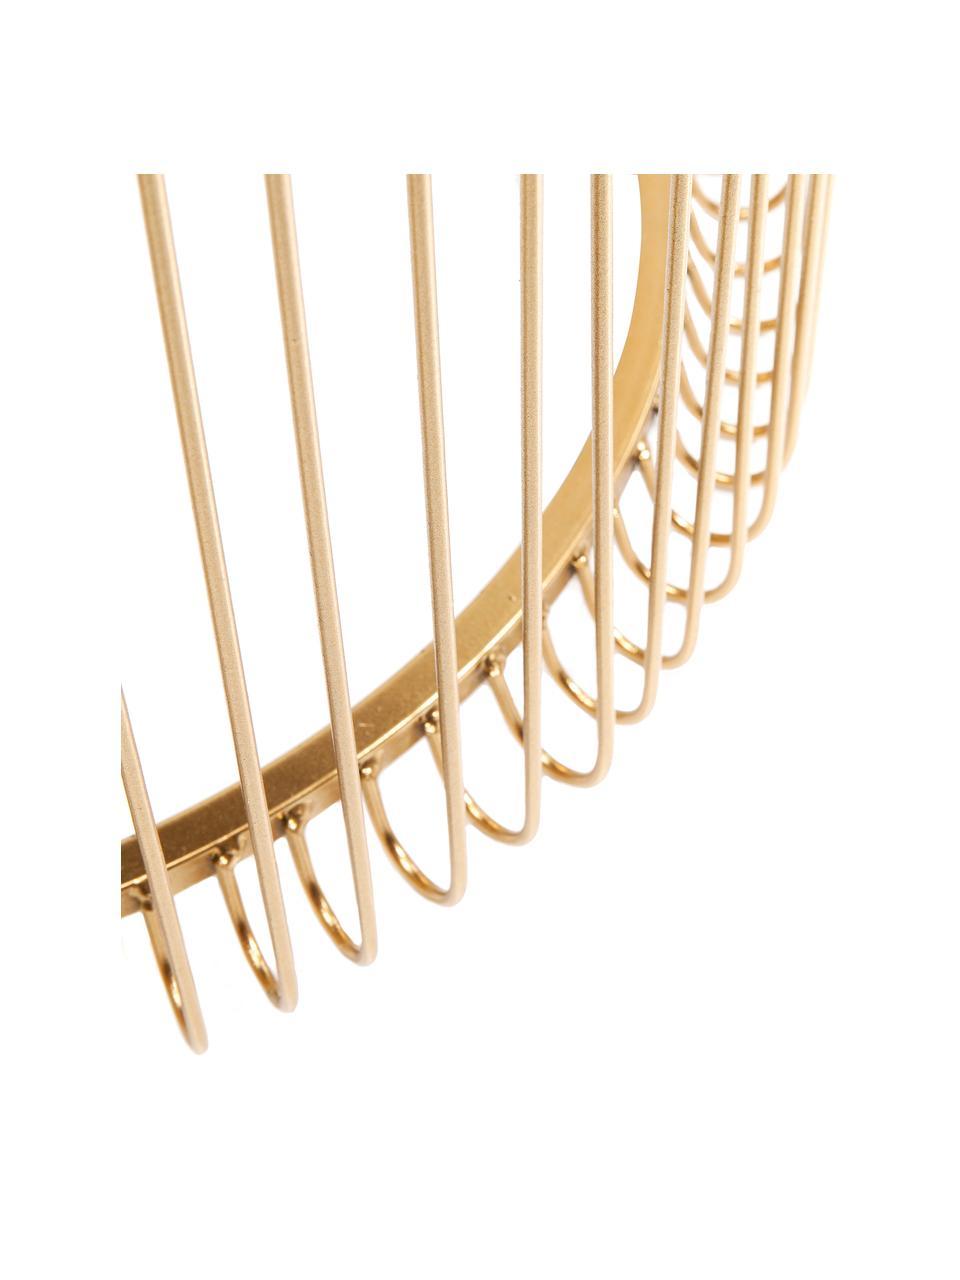 Komplet stolików pomocniczych z metalu ze szklanym blatem Wire, 2 elem., Stelaż: metal malowany proszkowo, Blat: szkło hartowane, foliowan, Złoty, Komplet z różnymi rozmiarami